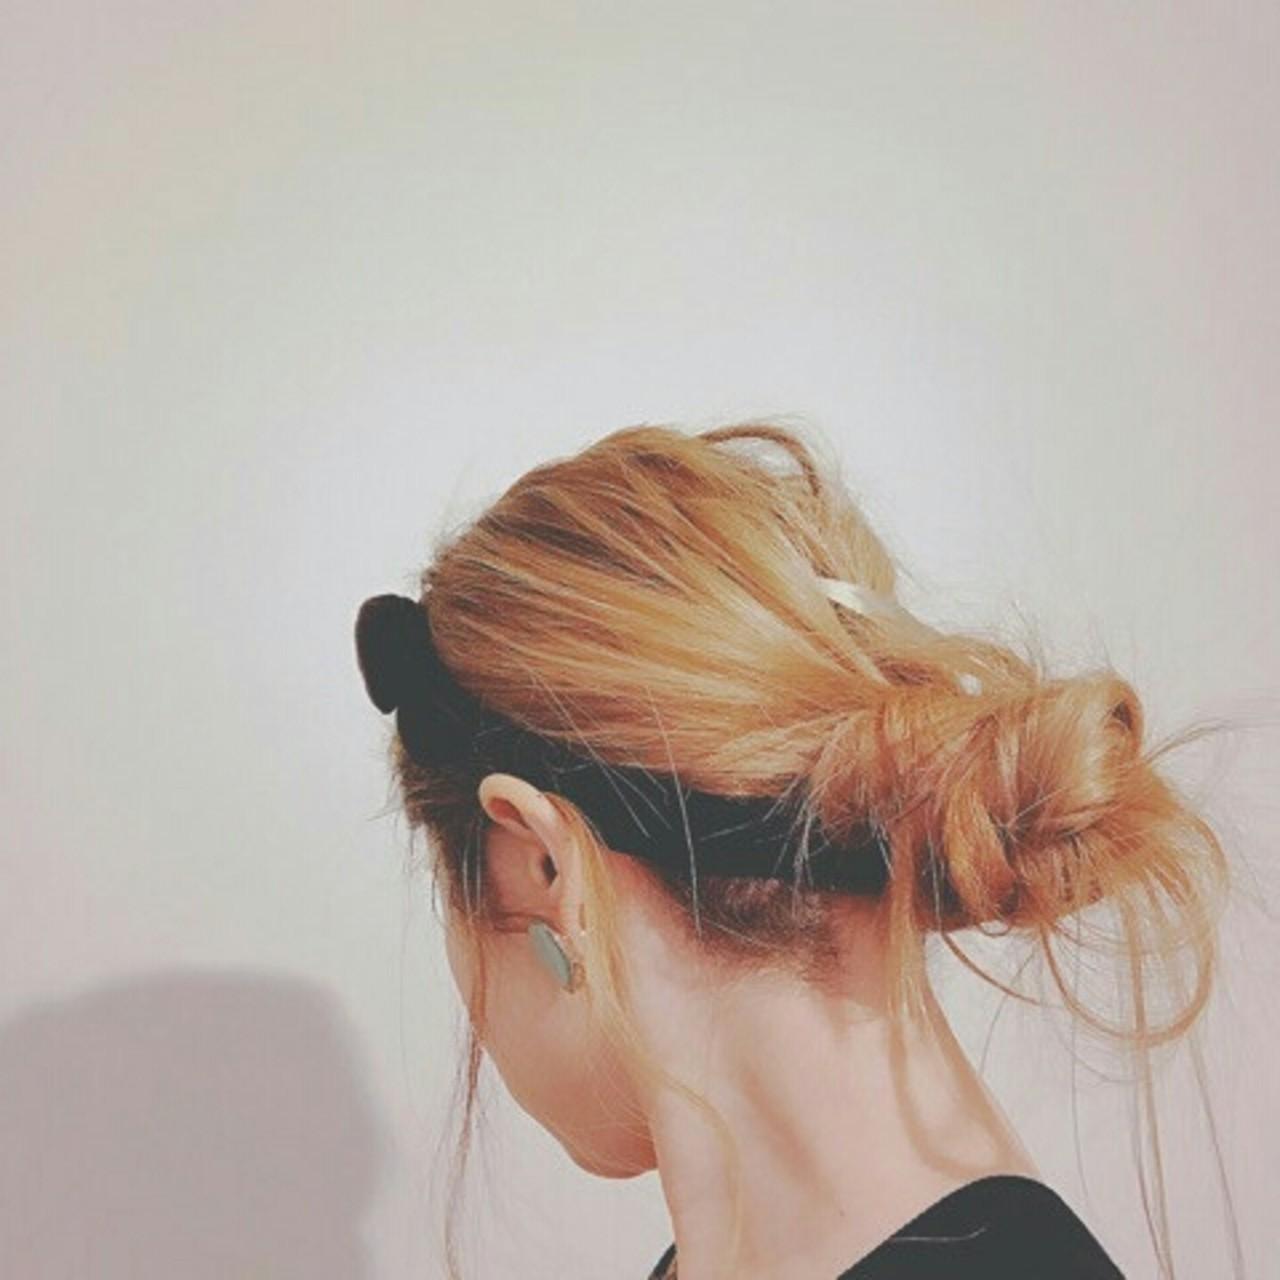 ロング お団子 ヘアアレンジ 外国人風 ヘアスタイルや髪型の写真・画像 | 浦川由起江 / nanon